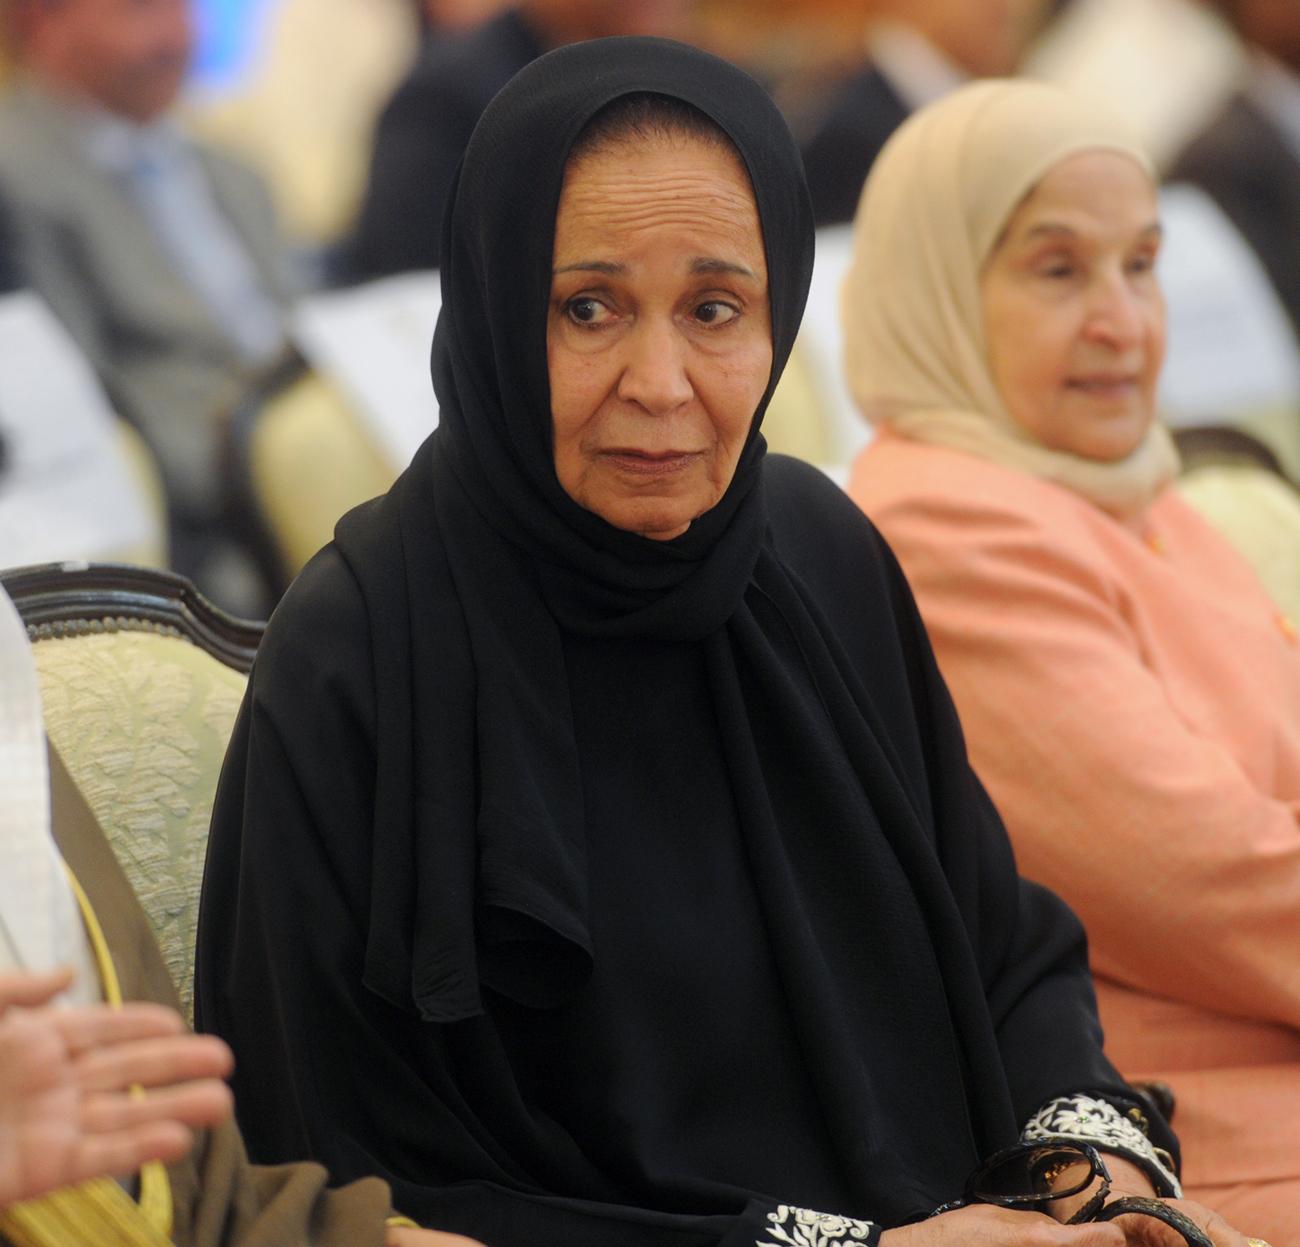 KUNA : Kuwait marks Women's Day - diwan - 16/05/2016